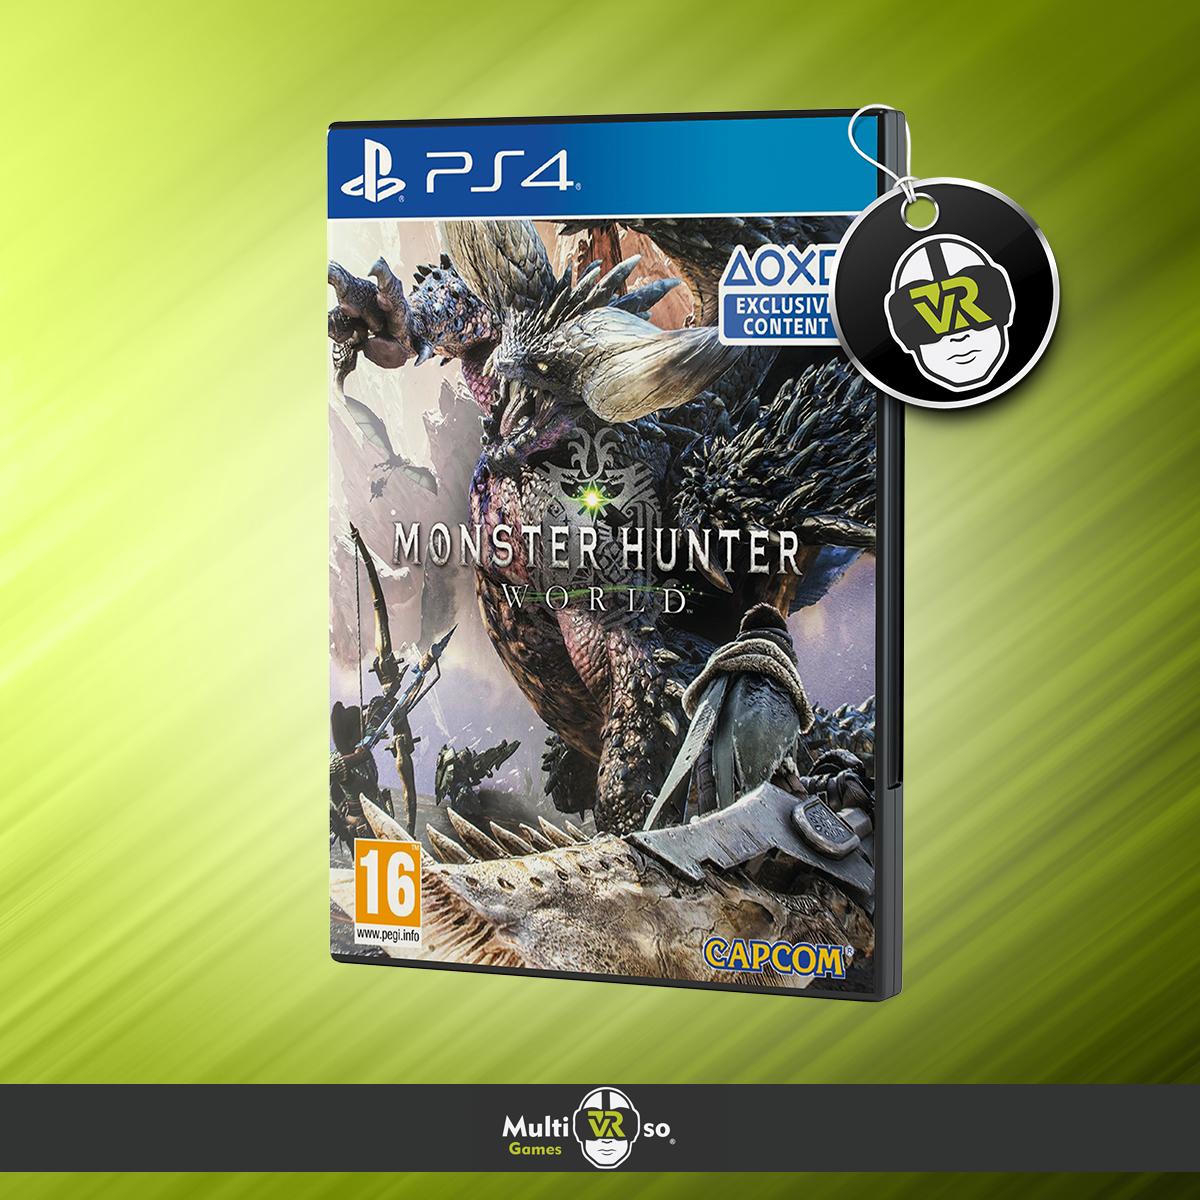 O Mais Novo Jogo Da Serie De Rpg De Acao Aclamado Pela Critica E Com 40 Milhoes De Unidades Vendidas Monster Hunter Monster Hunter Xbox One Jogo Cooperativo